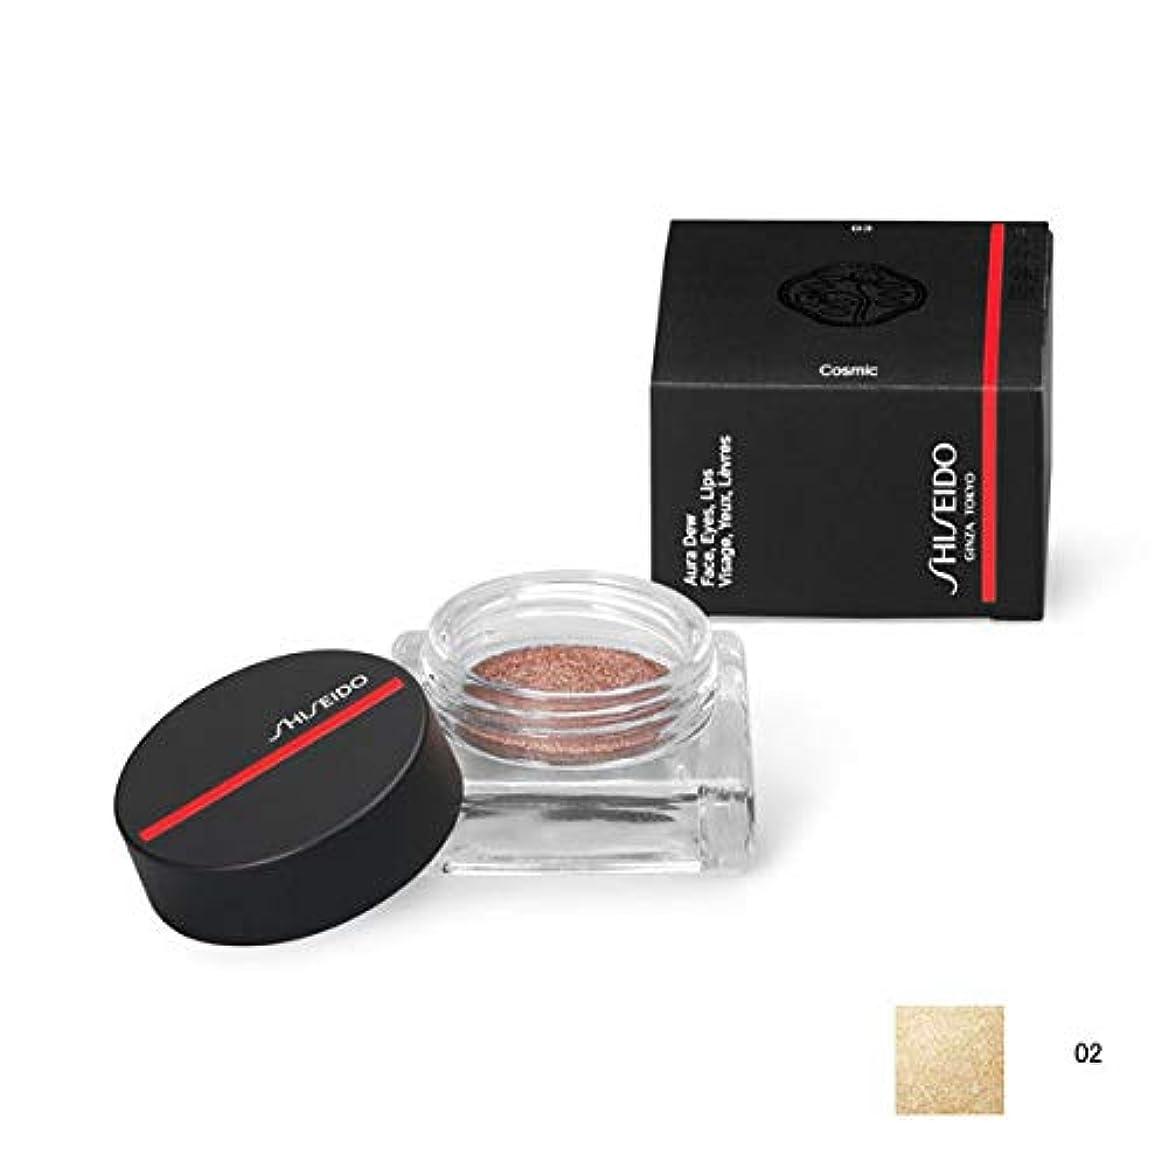 力なので日曜日SHISEIDO Makeup(資生堂 メーキャップ) SHISEIDO(資生堂) SHISEIDO オーラデュウ プリズム 4.8g (02)